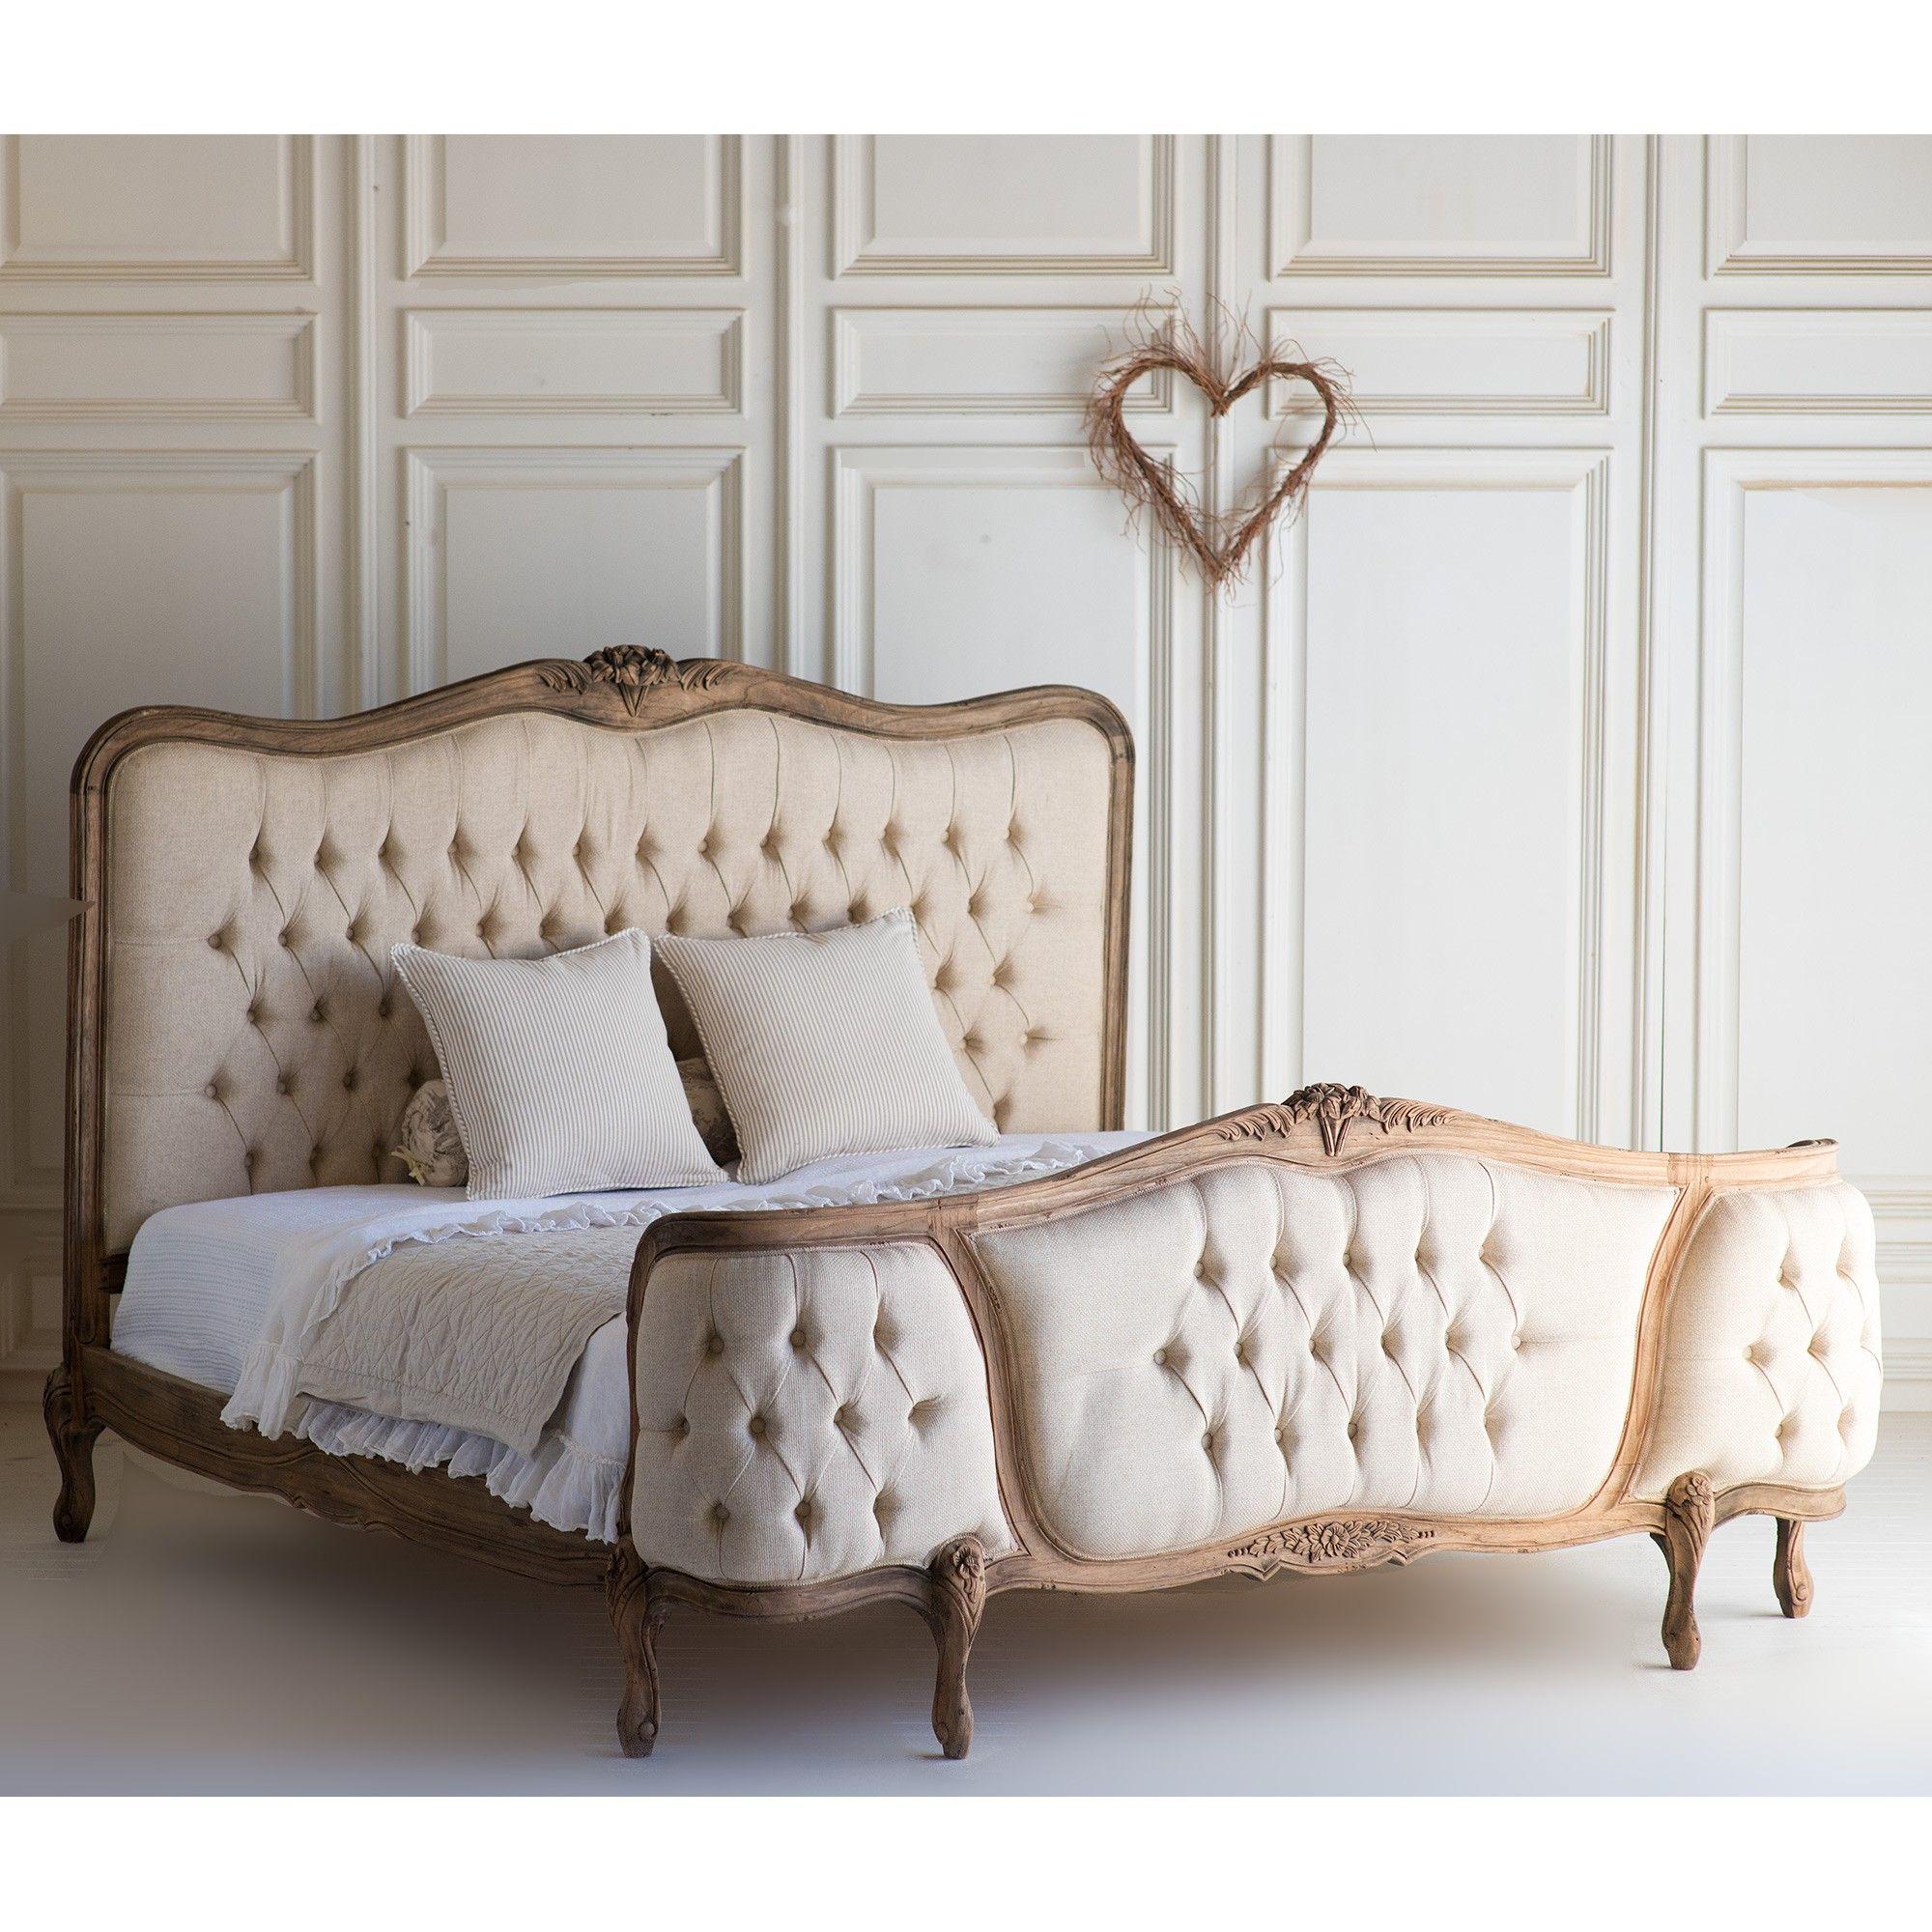 Franzosisch Schlafzimmer Vintage Bett Franzosische Schlafzimmer Franzosische Mobel